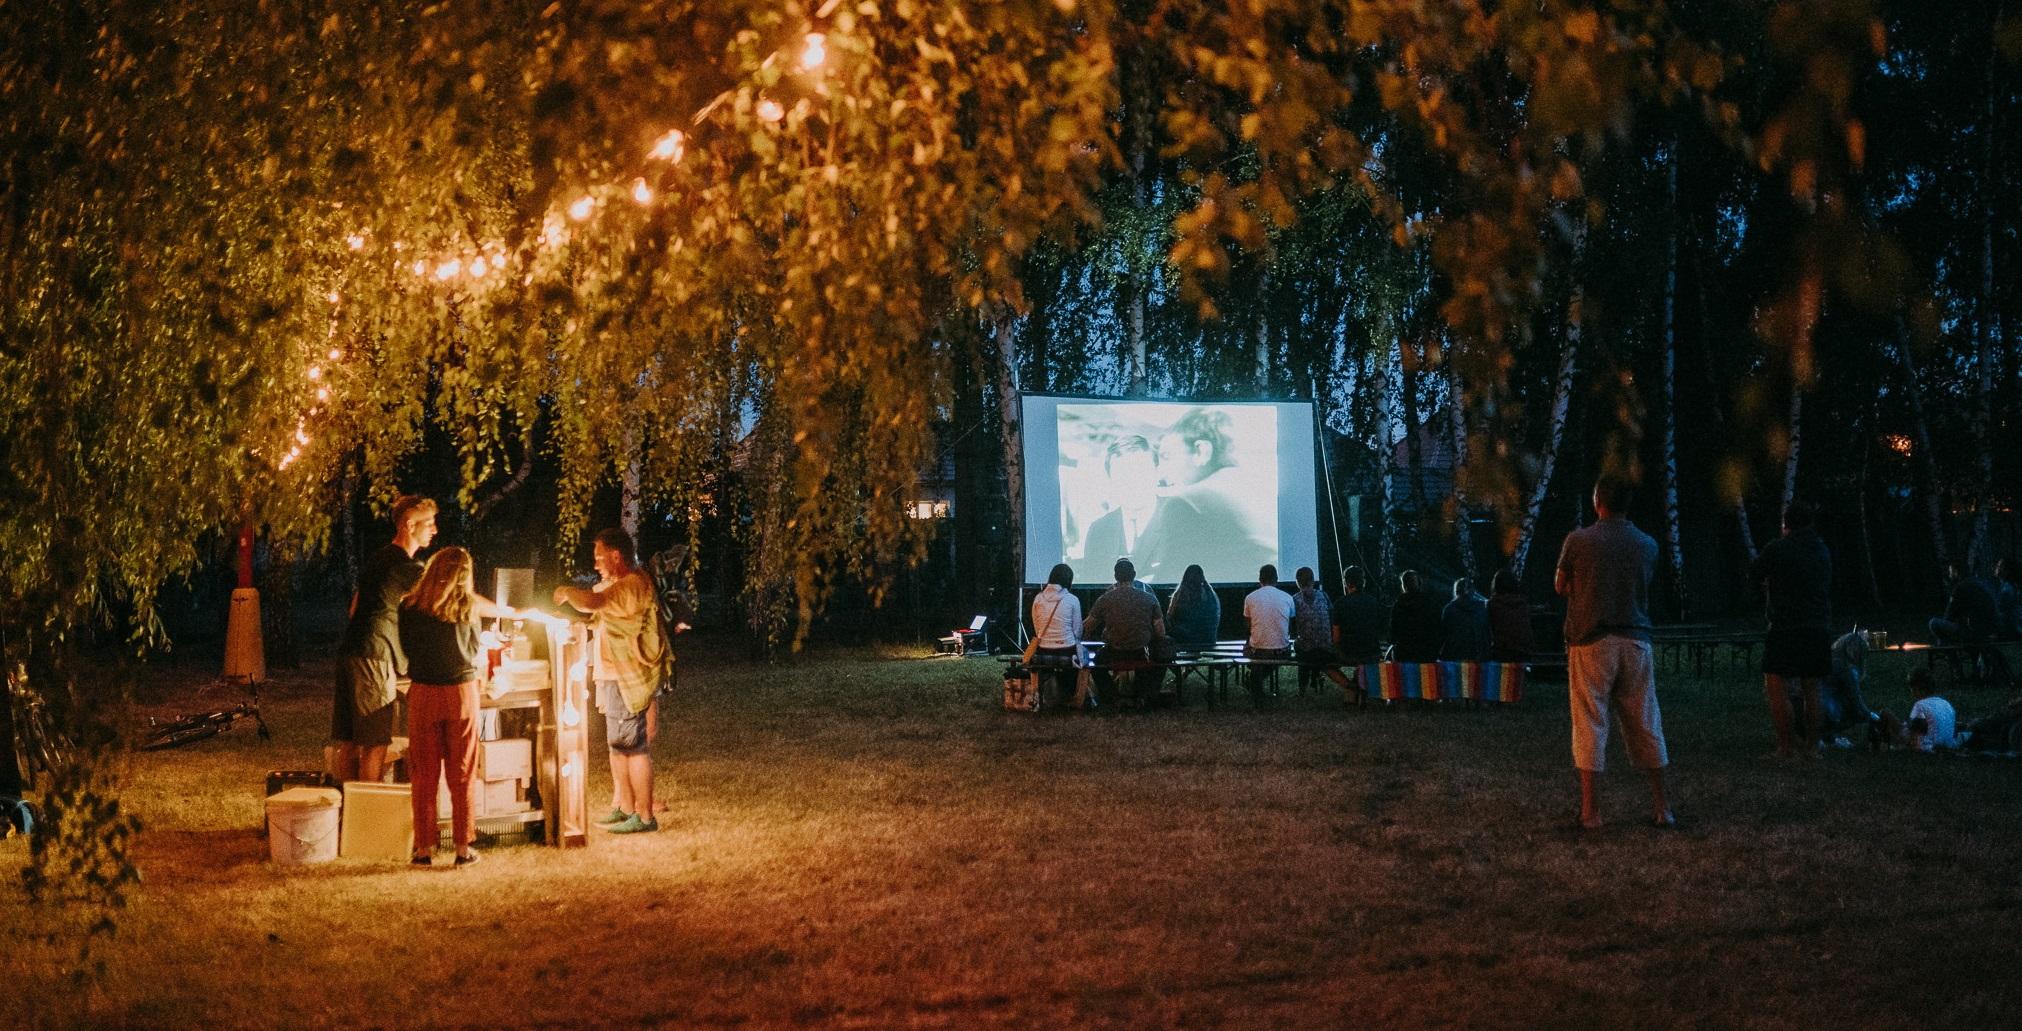 Vidiecke komunity sa stretli pri filmových premietaniach VIFI FESTU